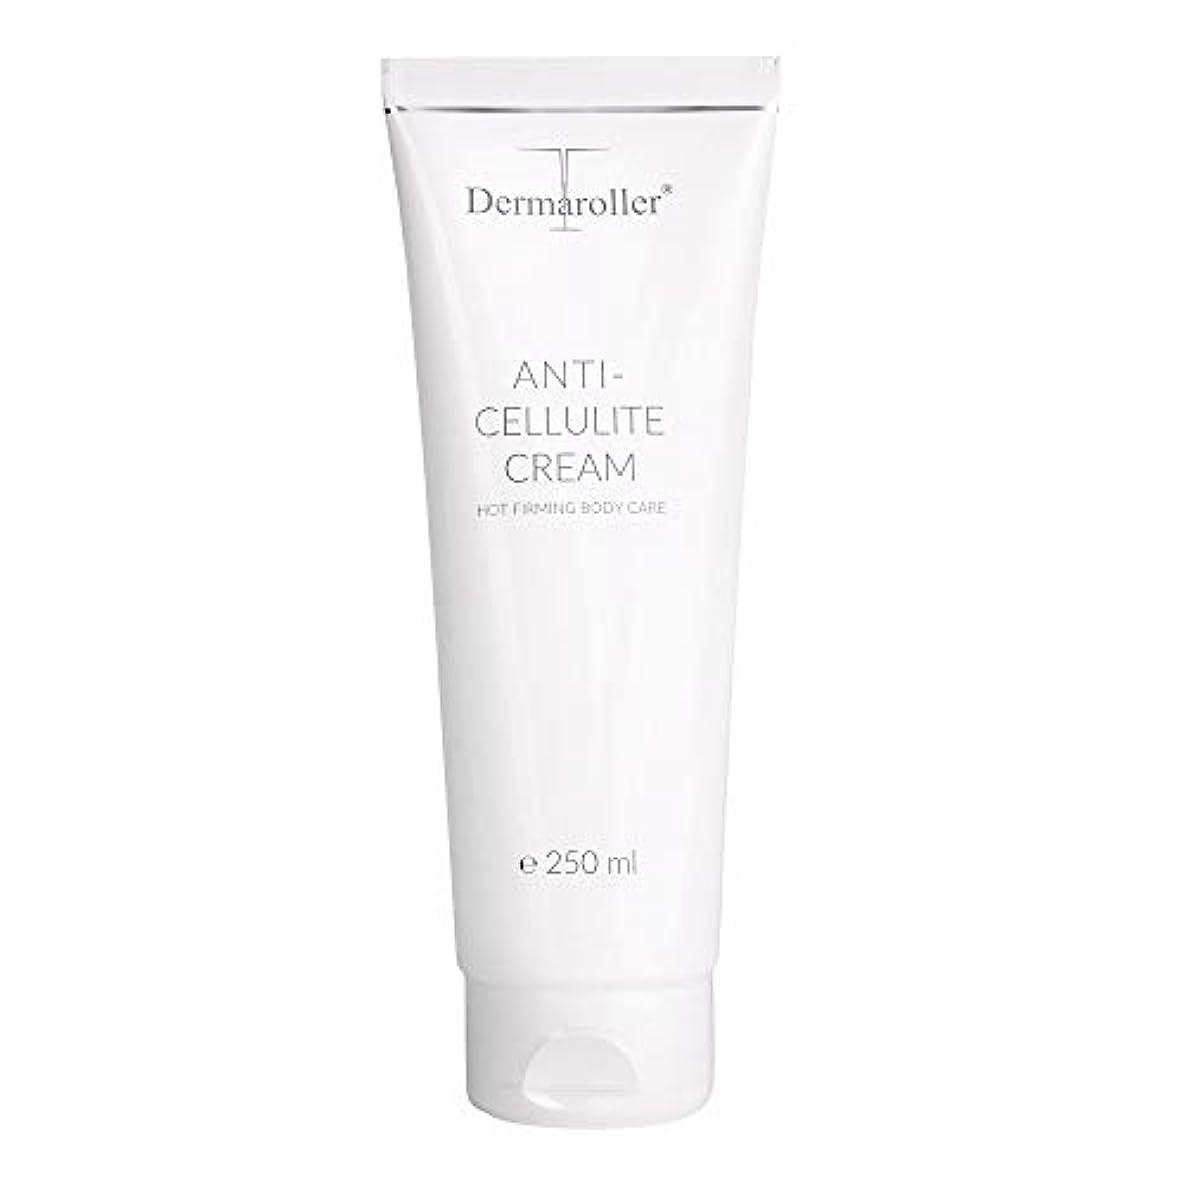 カウンタクラックポット確保するDermaroller アンチ セルライト クリーム 250ml [Dermaroller]Anti-Cellulite Cream